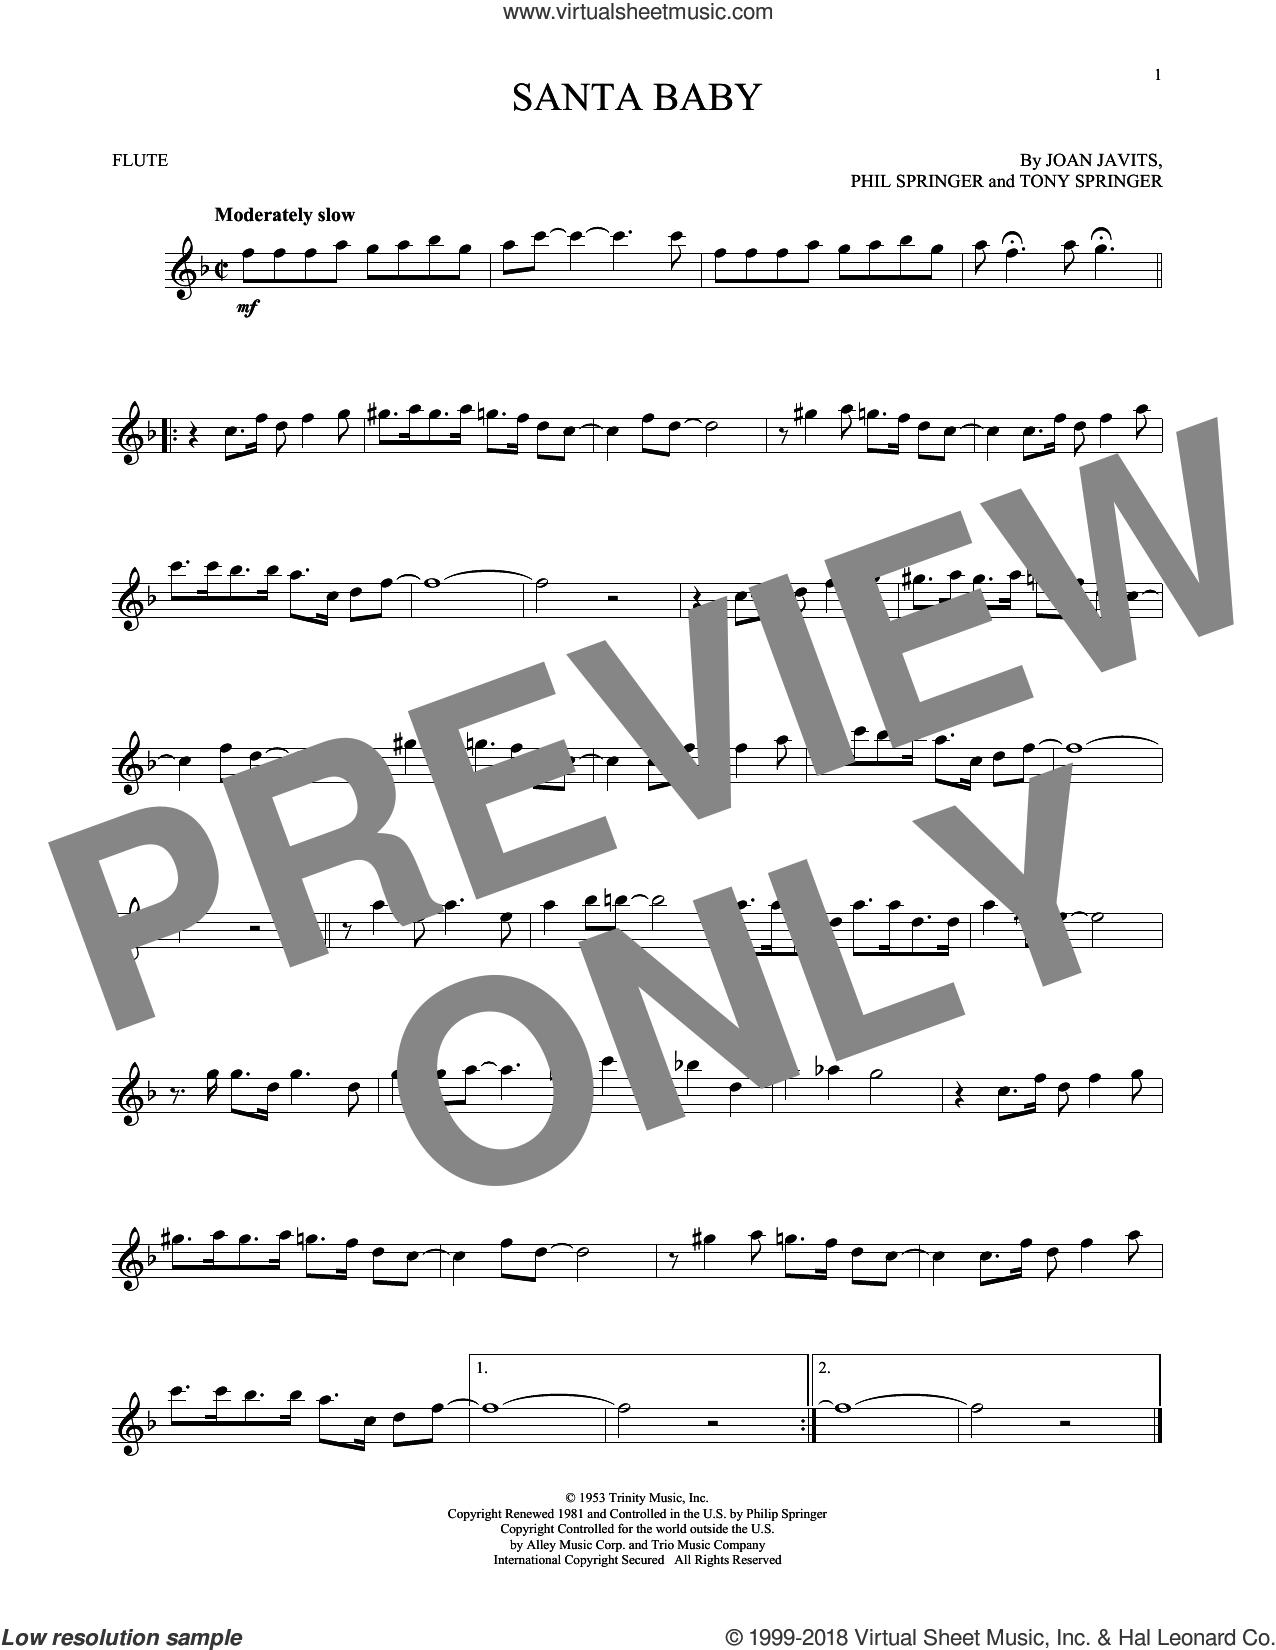 Santa Baby sheet music for flute solo by Eartha Kitt, Kellie Pickler, Taylor Swift, Joan Javits, Phil Springer and Tony Springer, intermediate skill level